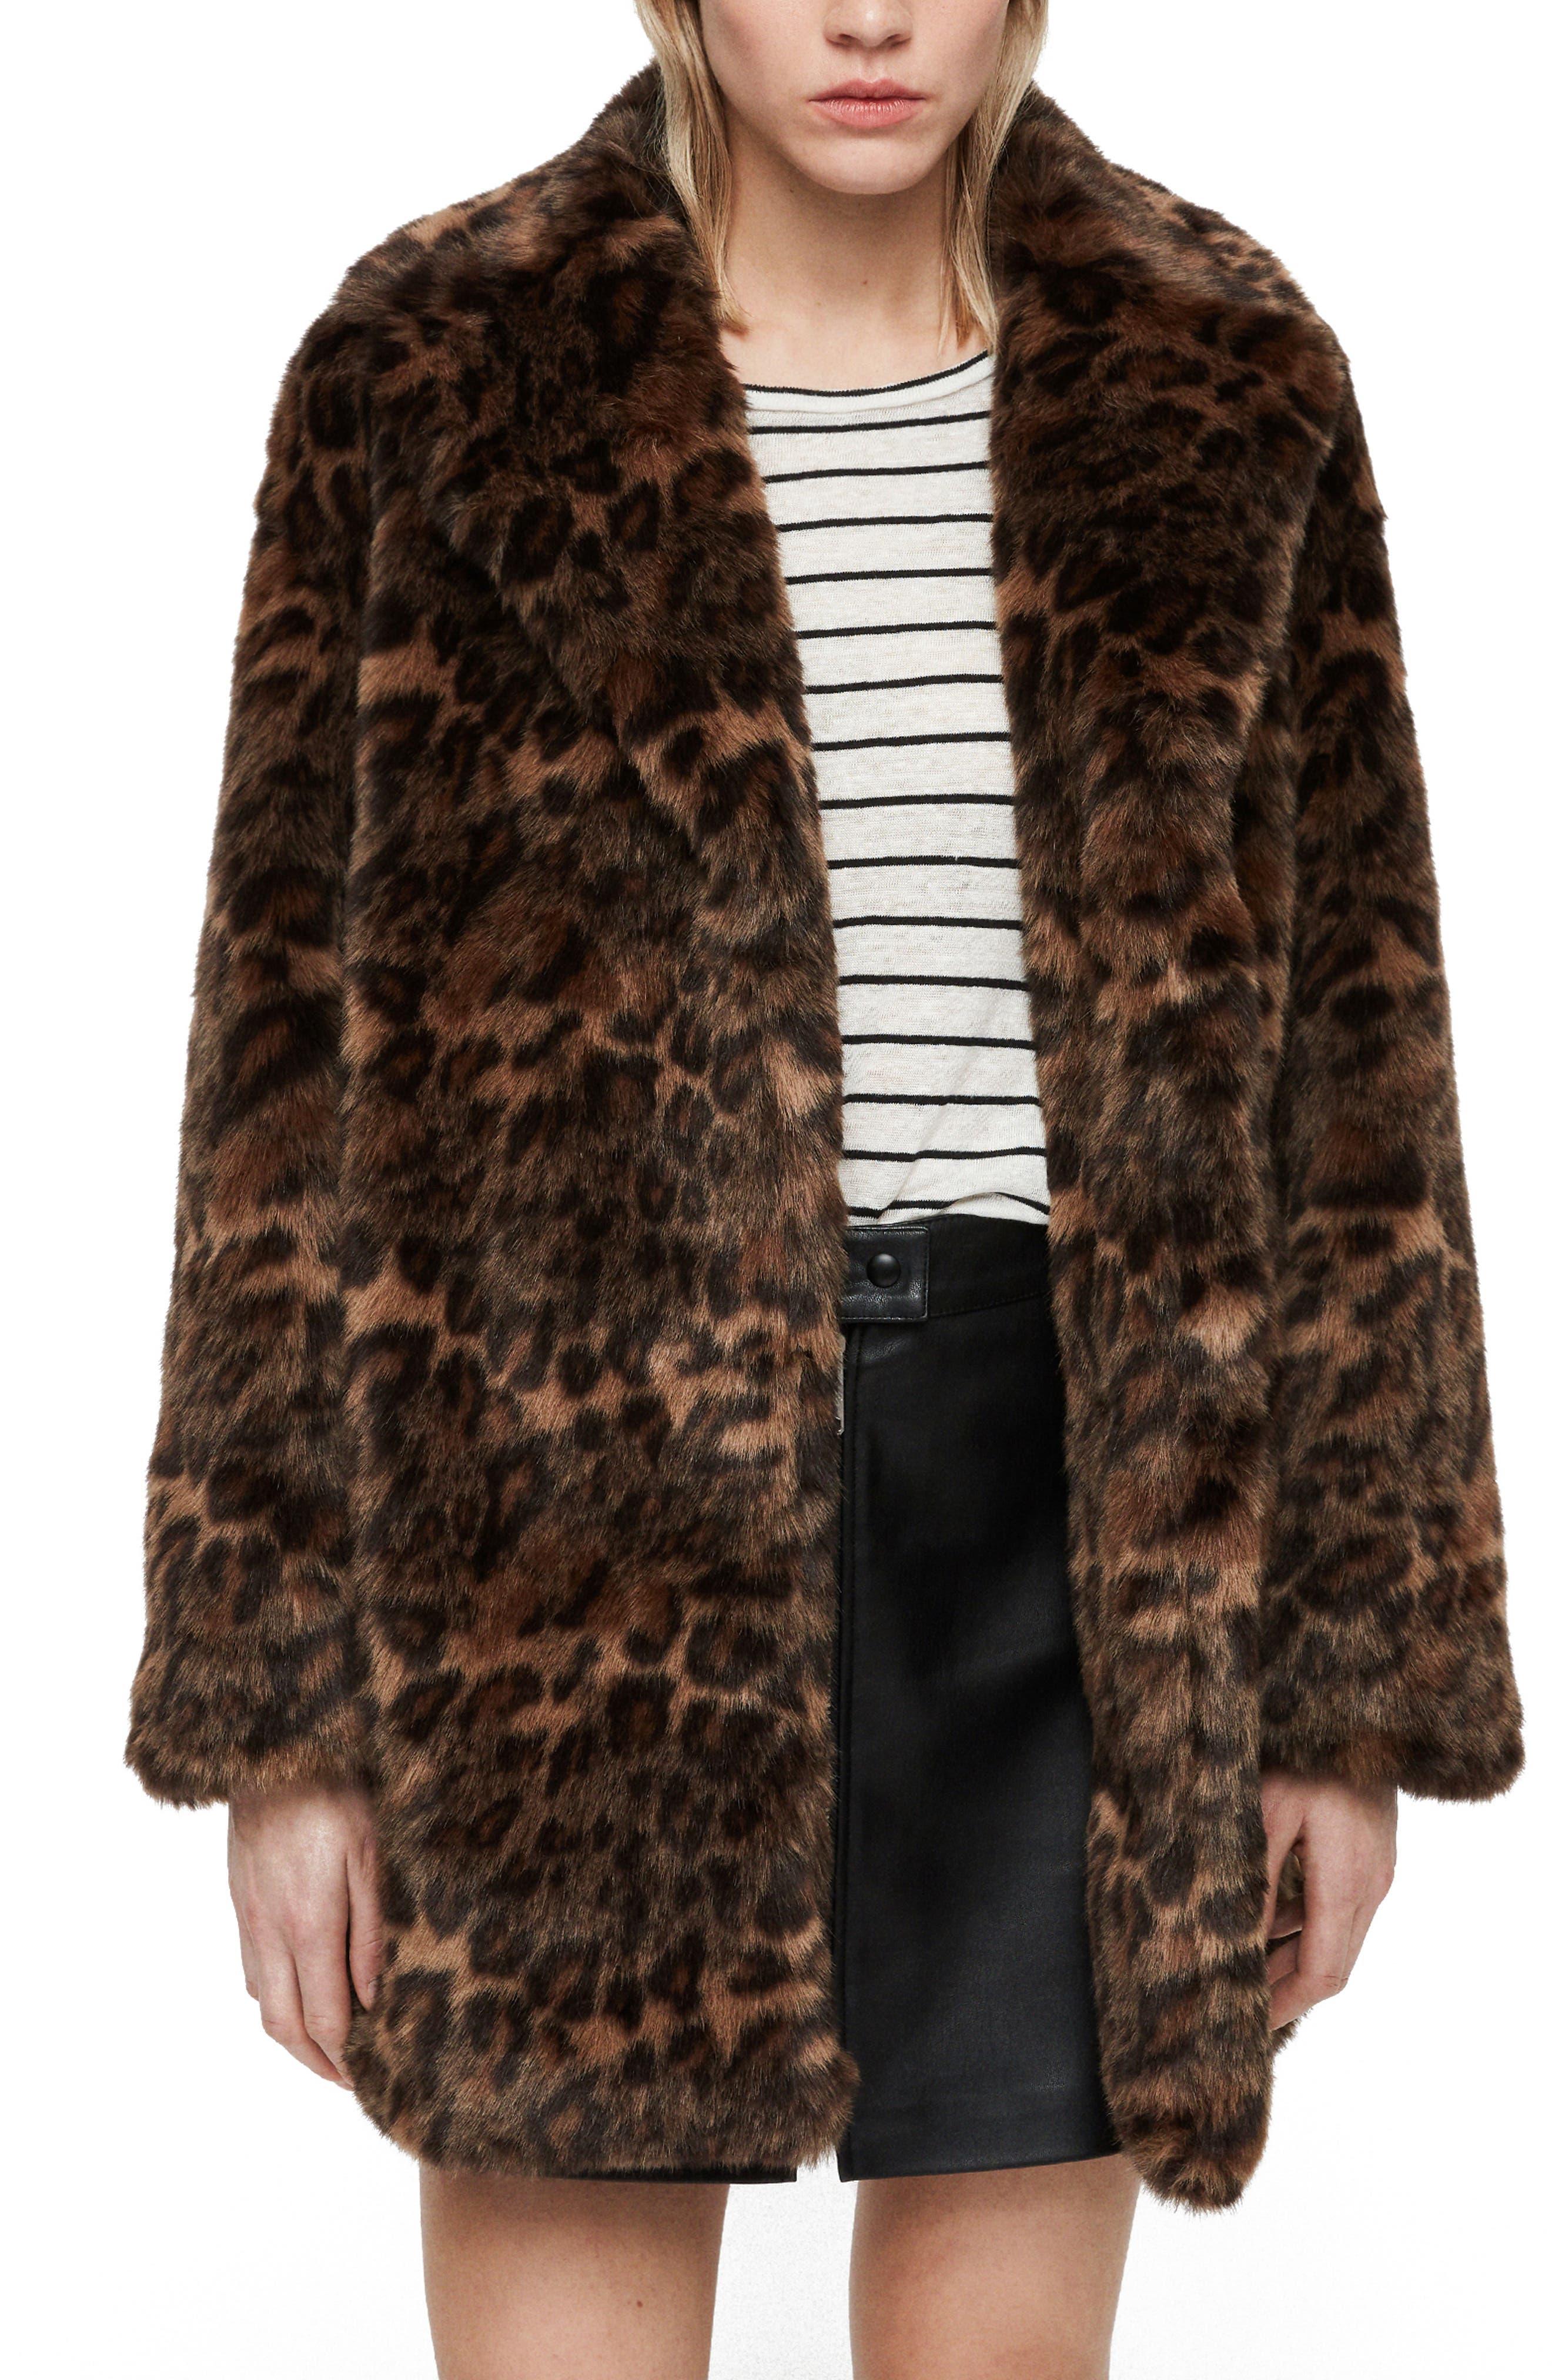 Amice Leopard Spot Faux Fur Jacket,                             Main thumbnail 1, color,                             BROWN